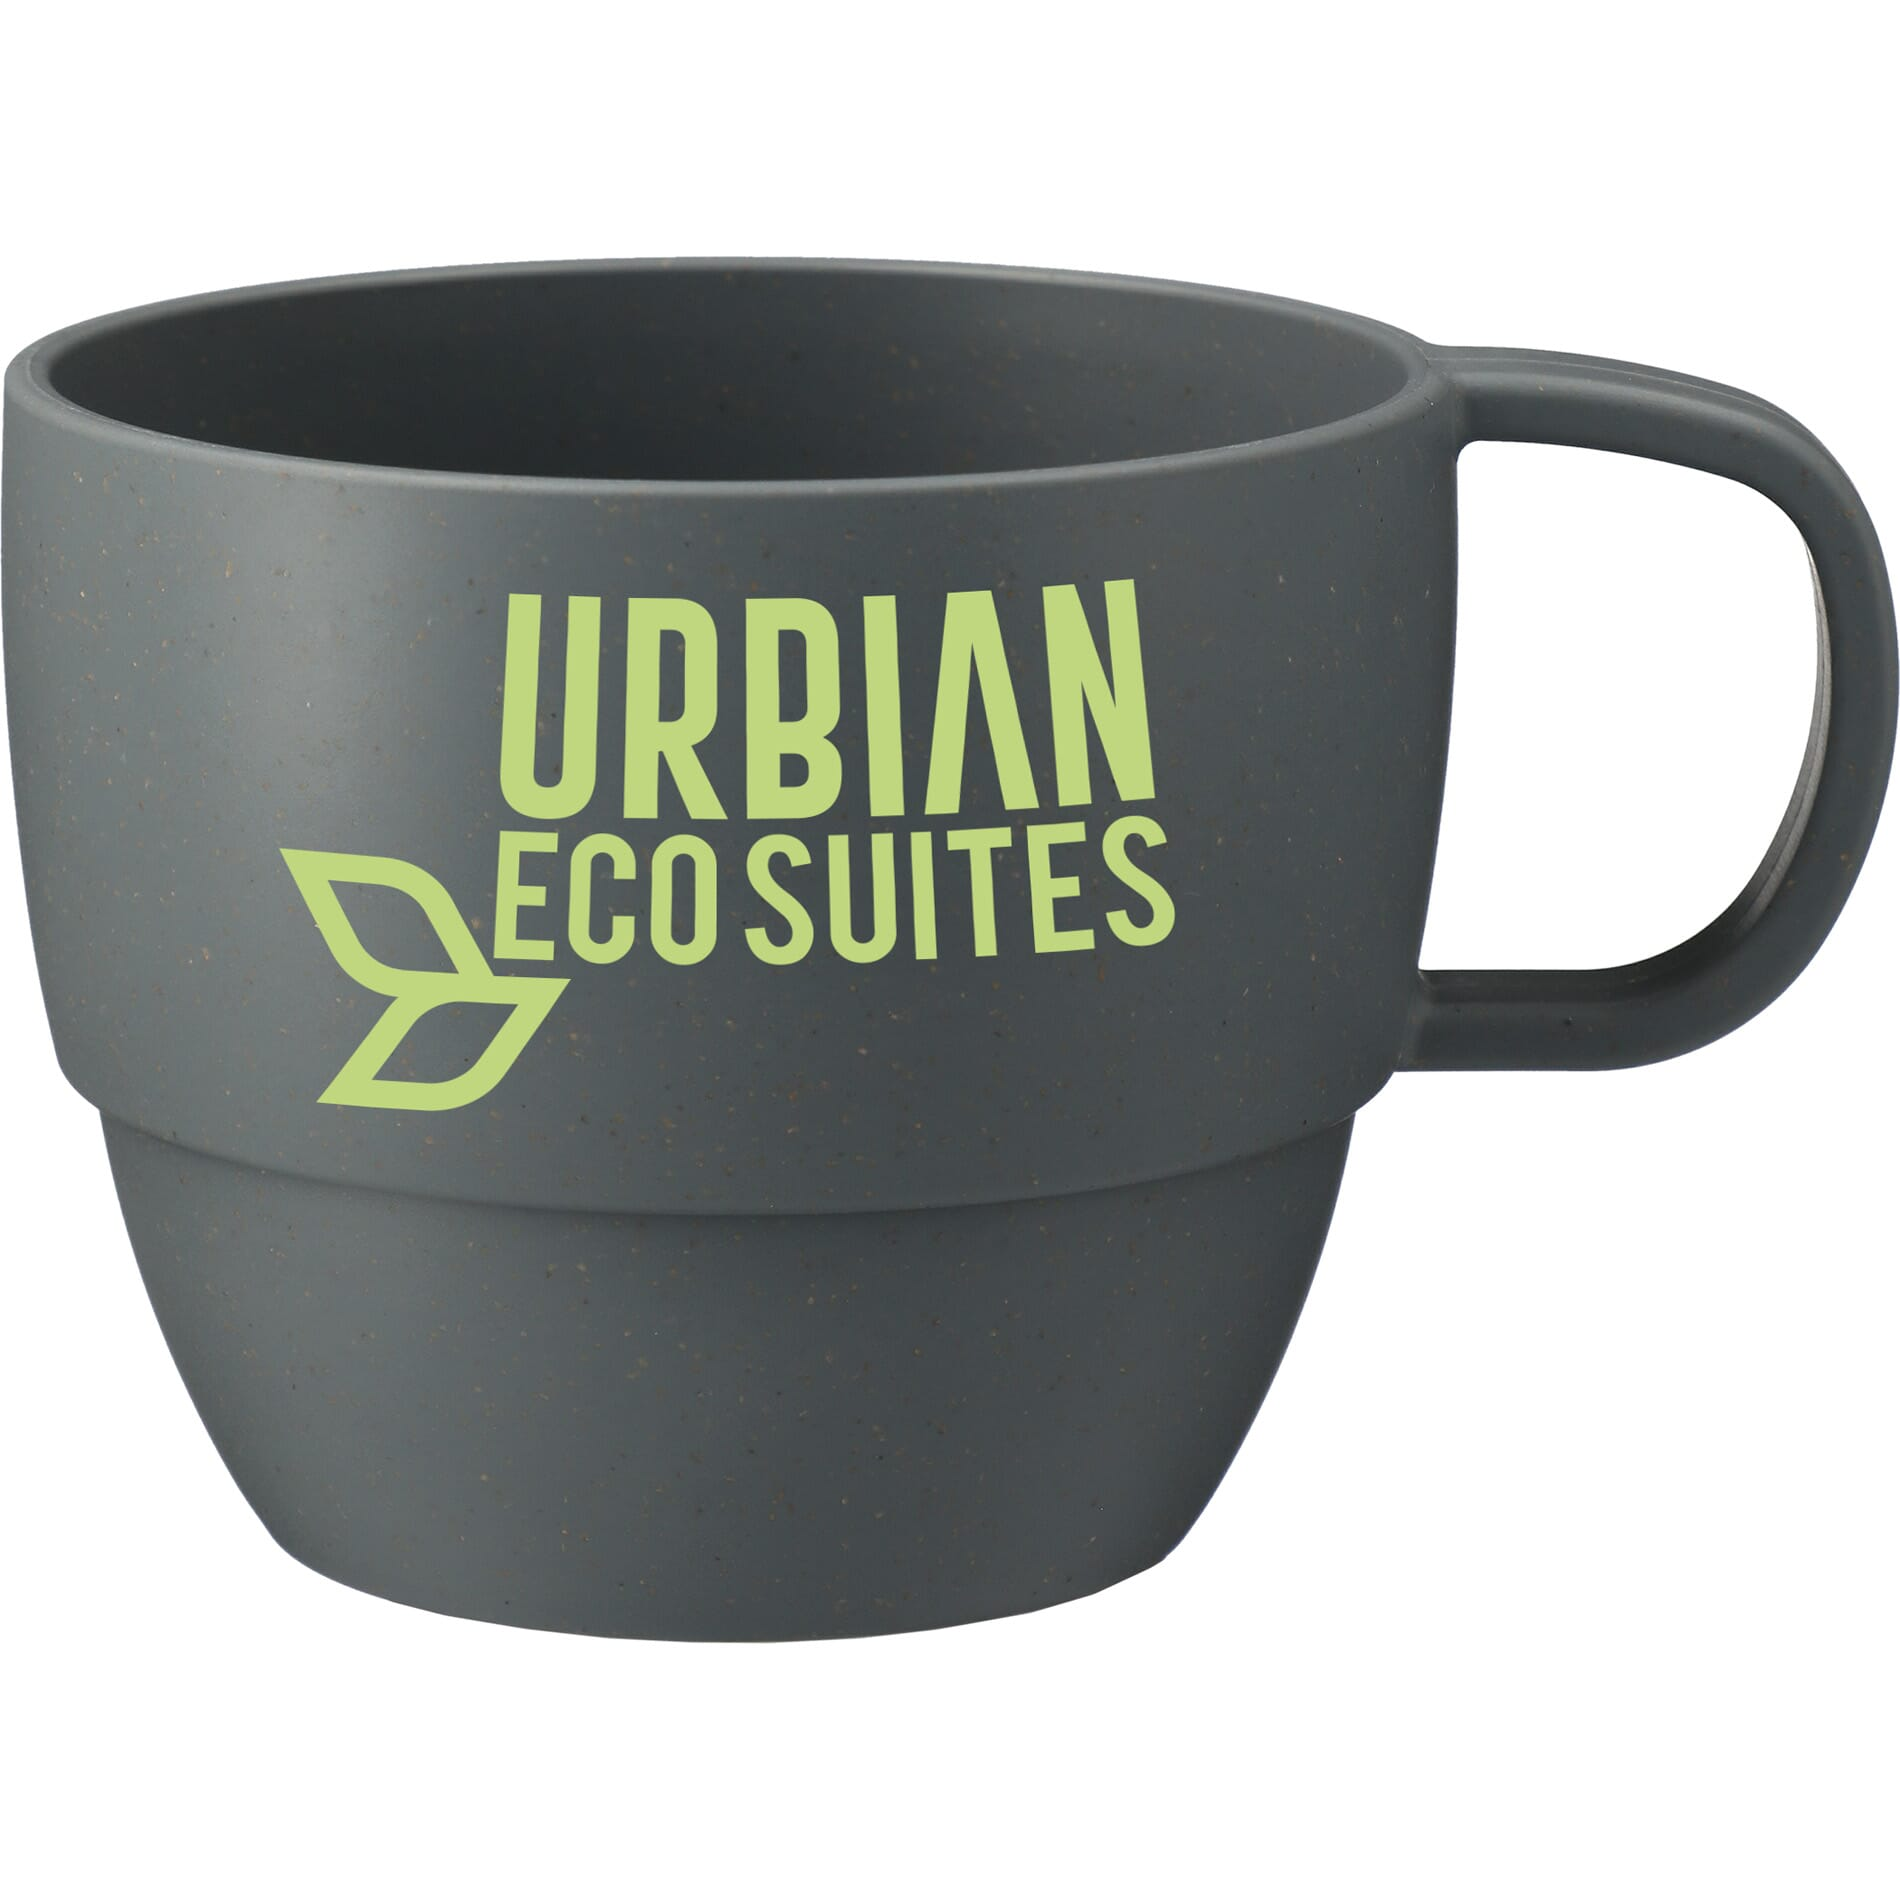 Eco friendly wheat straw mug